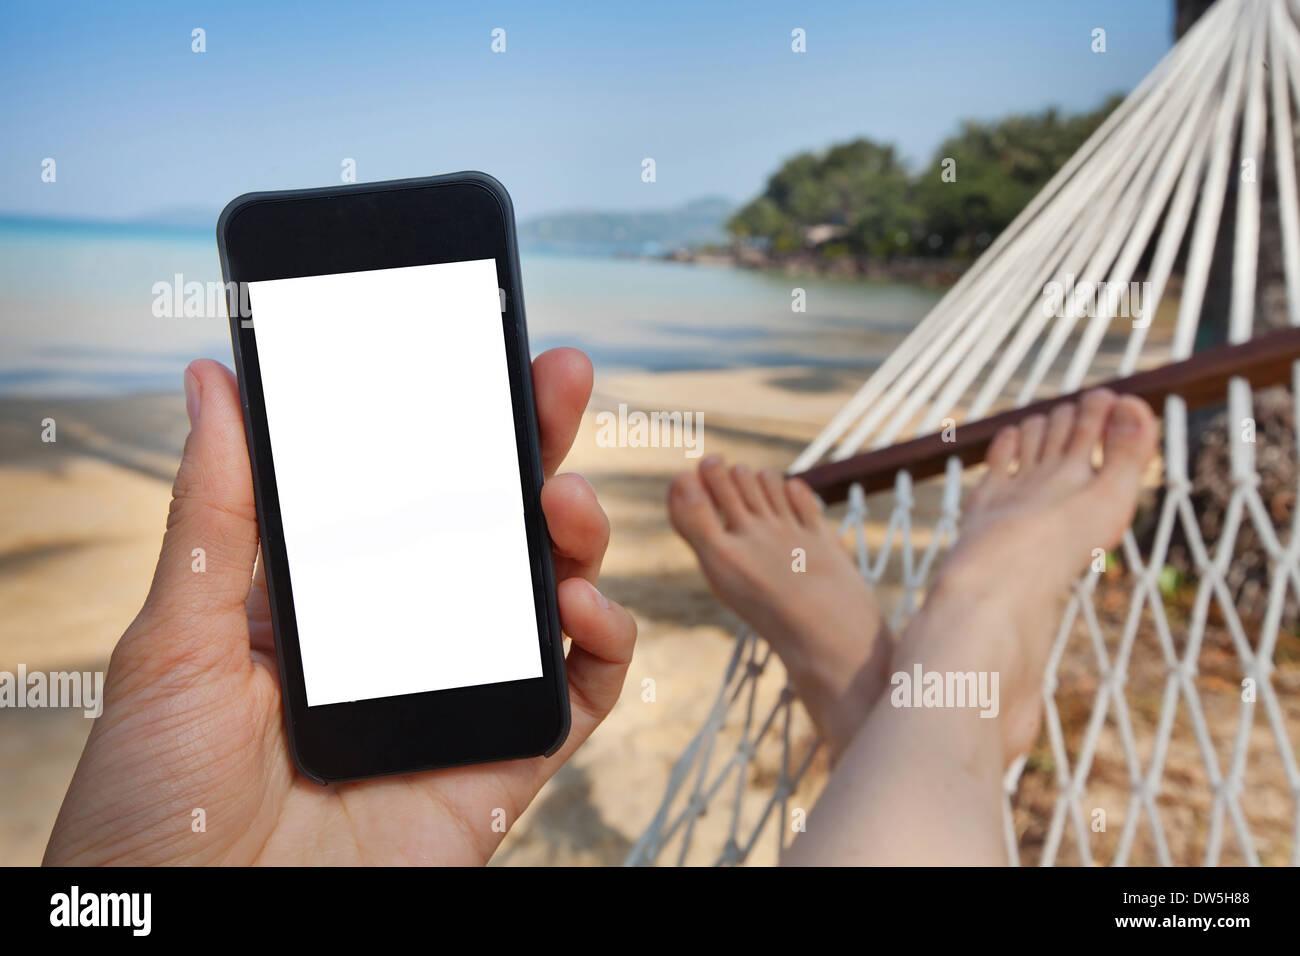 Smartphone en la mano en una hamaca en la playa Imagen De Stock